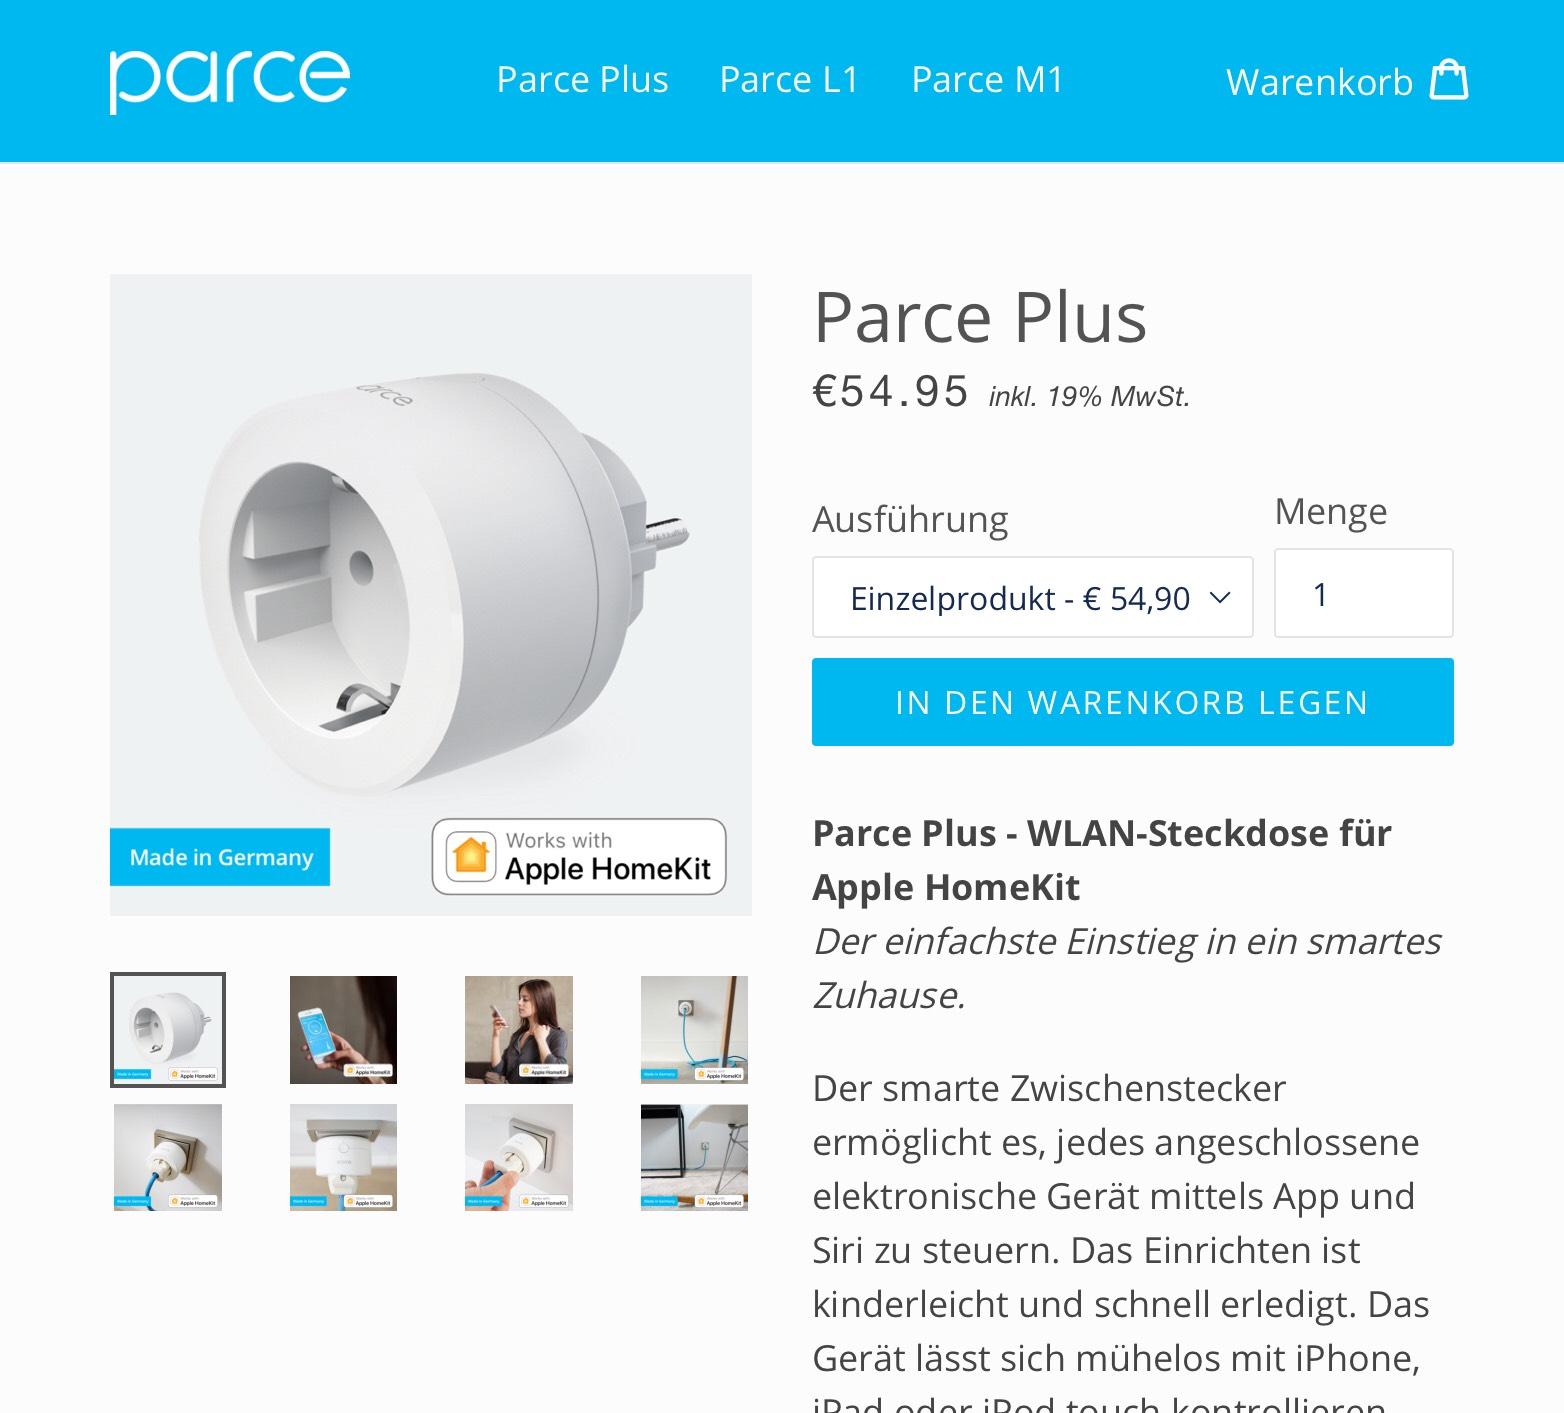 ParcePlus HomeKit Steckdose - Made in Germany - wieder verfügbar!